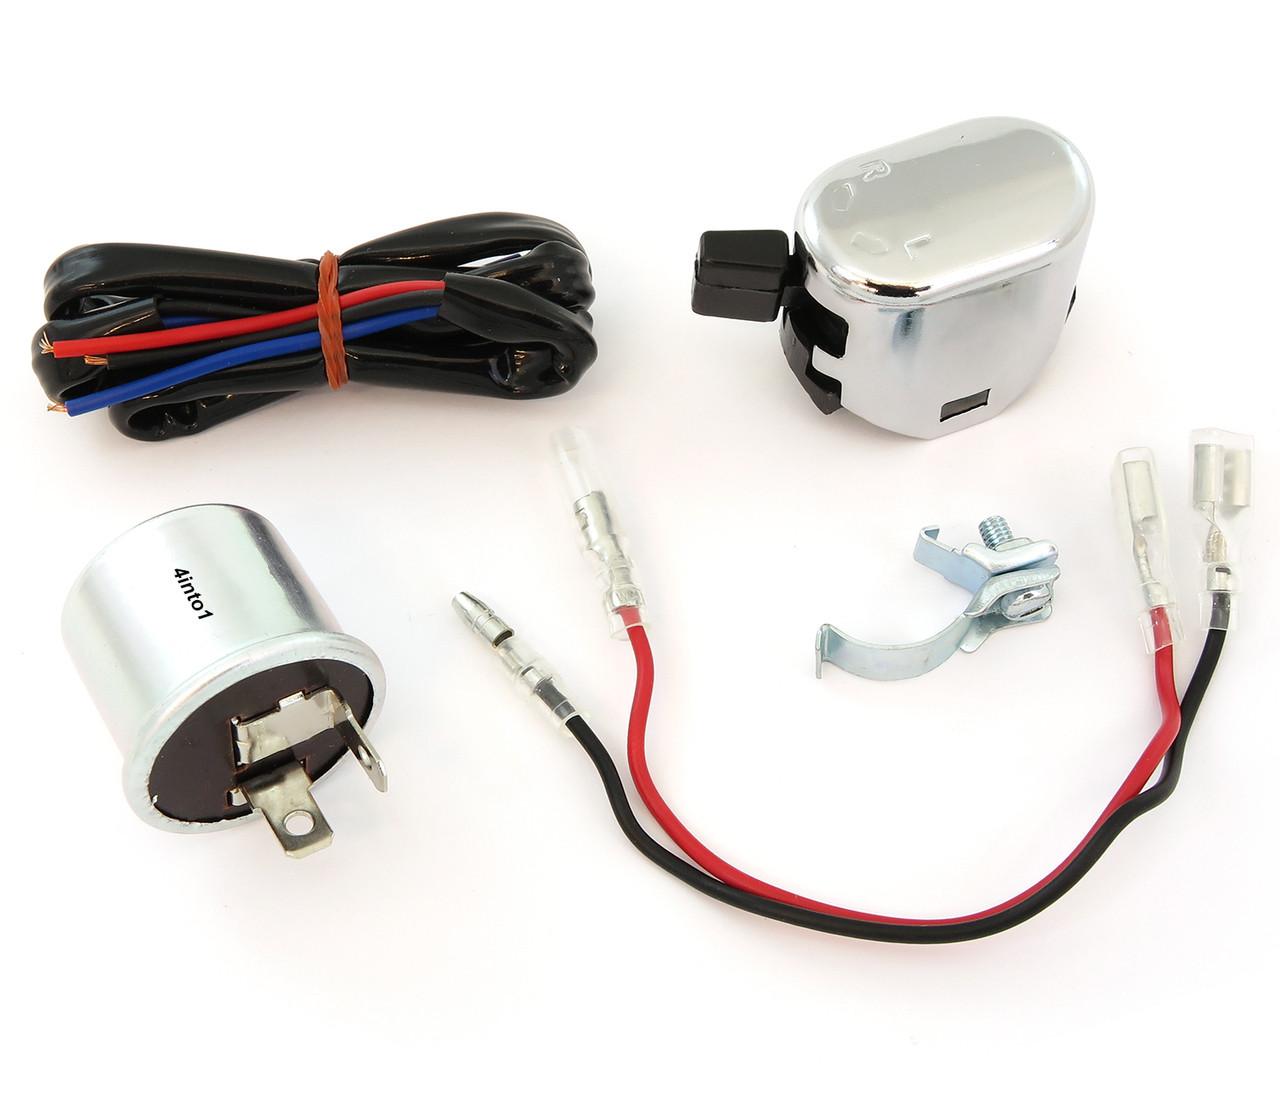 Ks Turn Signal Kit Relay Wiring Switch Honda Nu50 Diagram Image 1